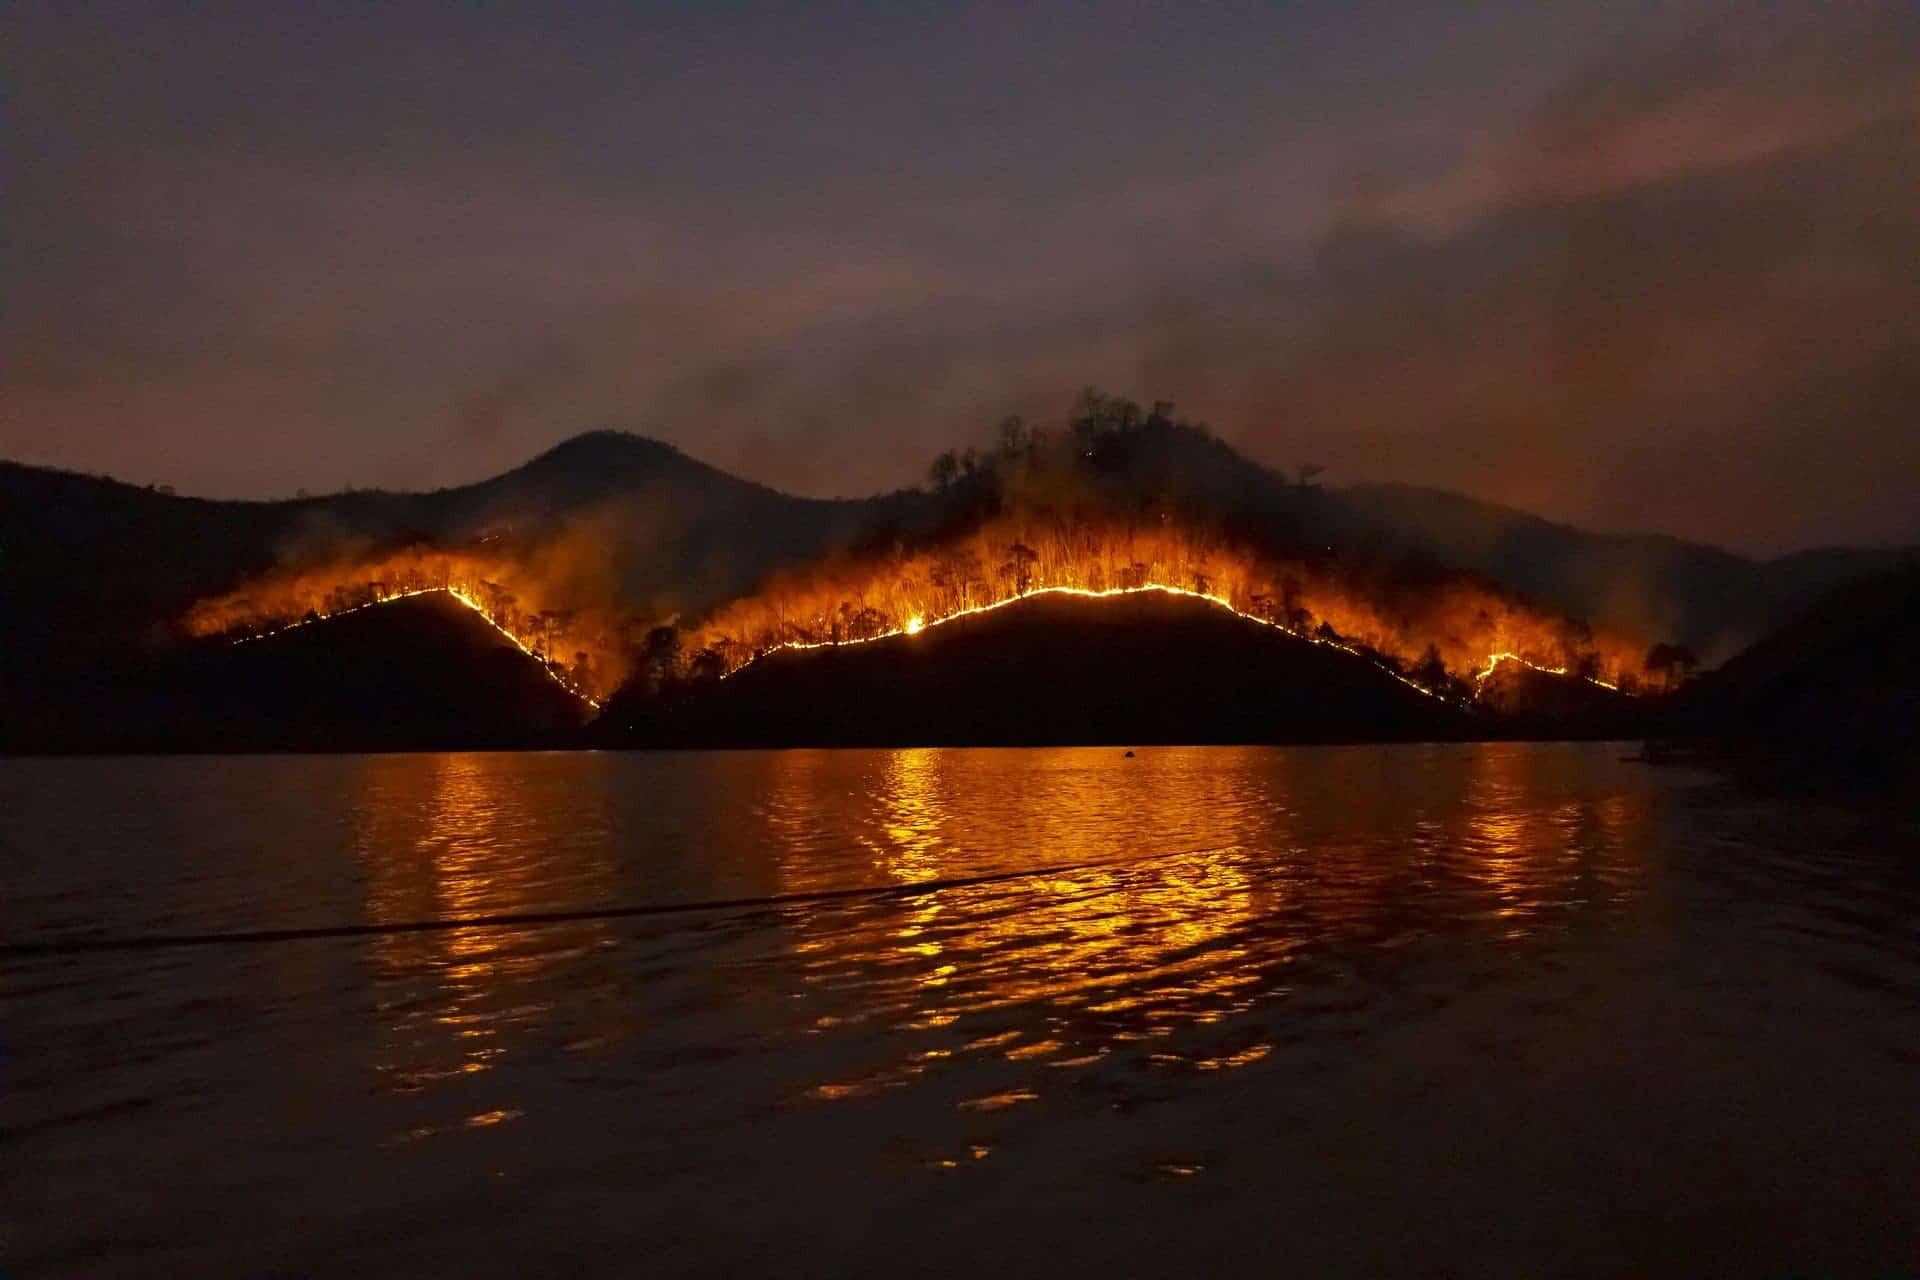 Калифорния и весь мир будут бороться с более продолжительными, более жаркими и сухими сезонами лесных пожаров thumbnail